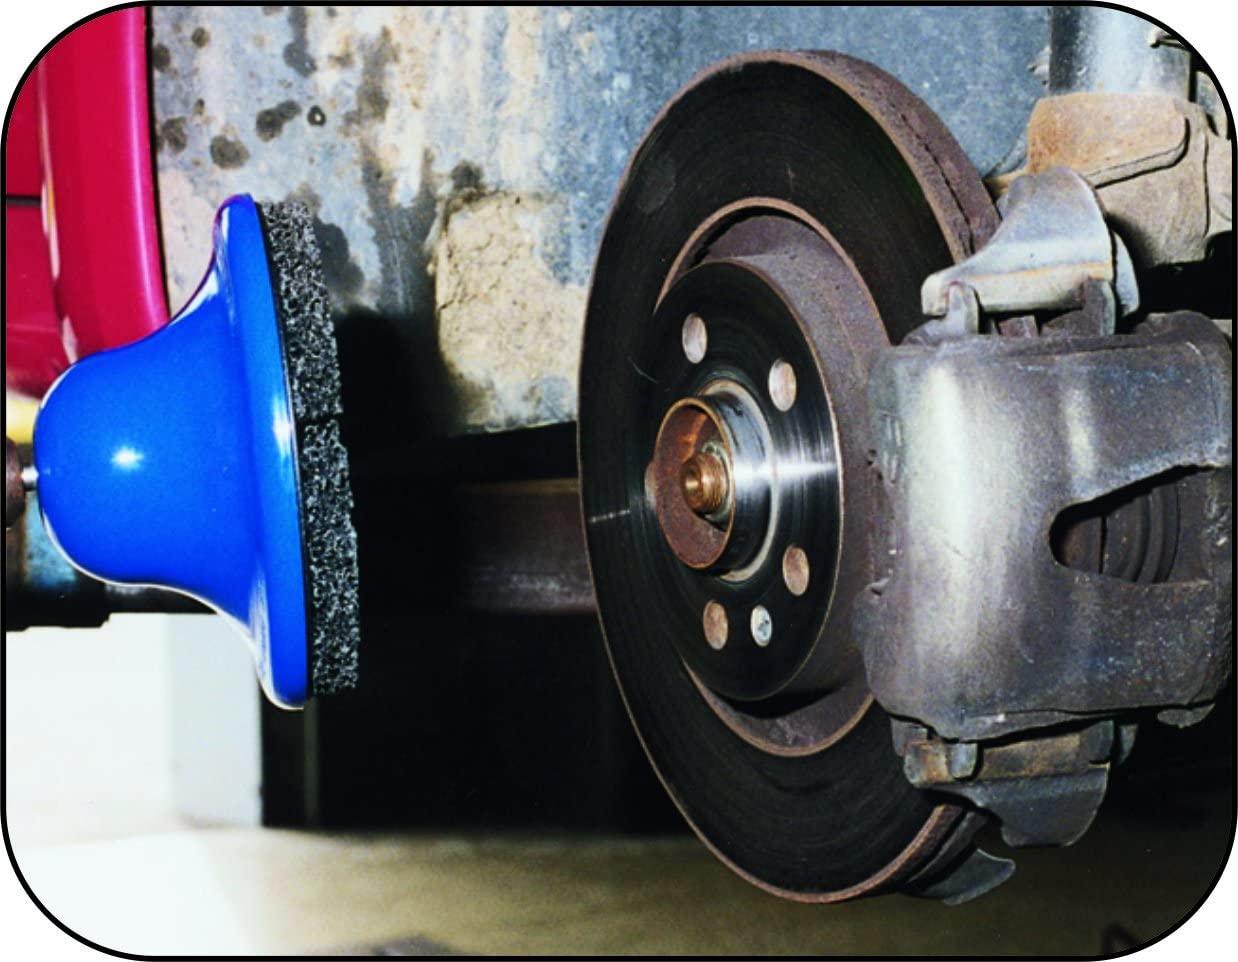 Wheel Hub Grinder Type1 60mm Internal